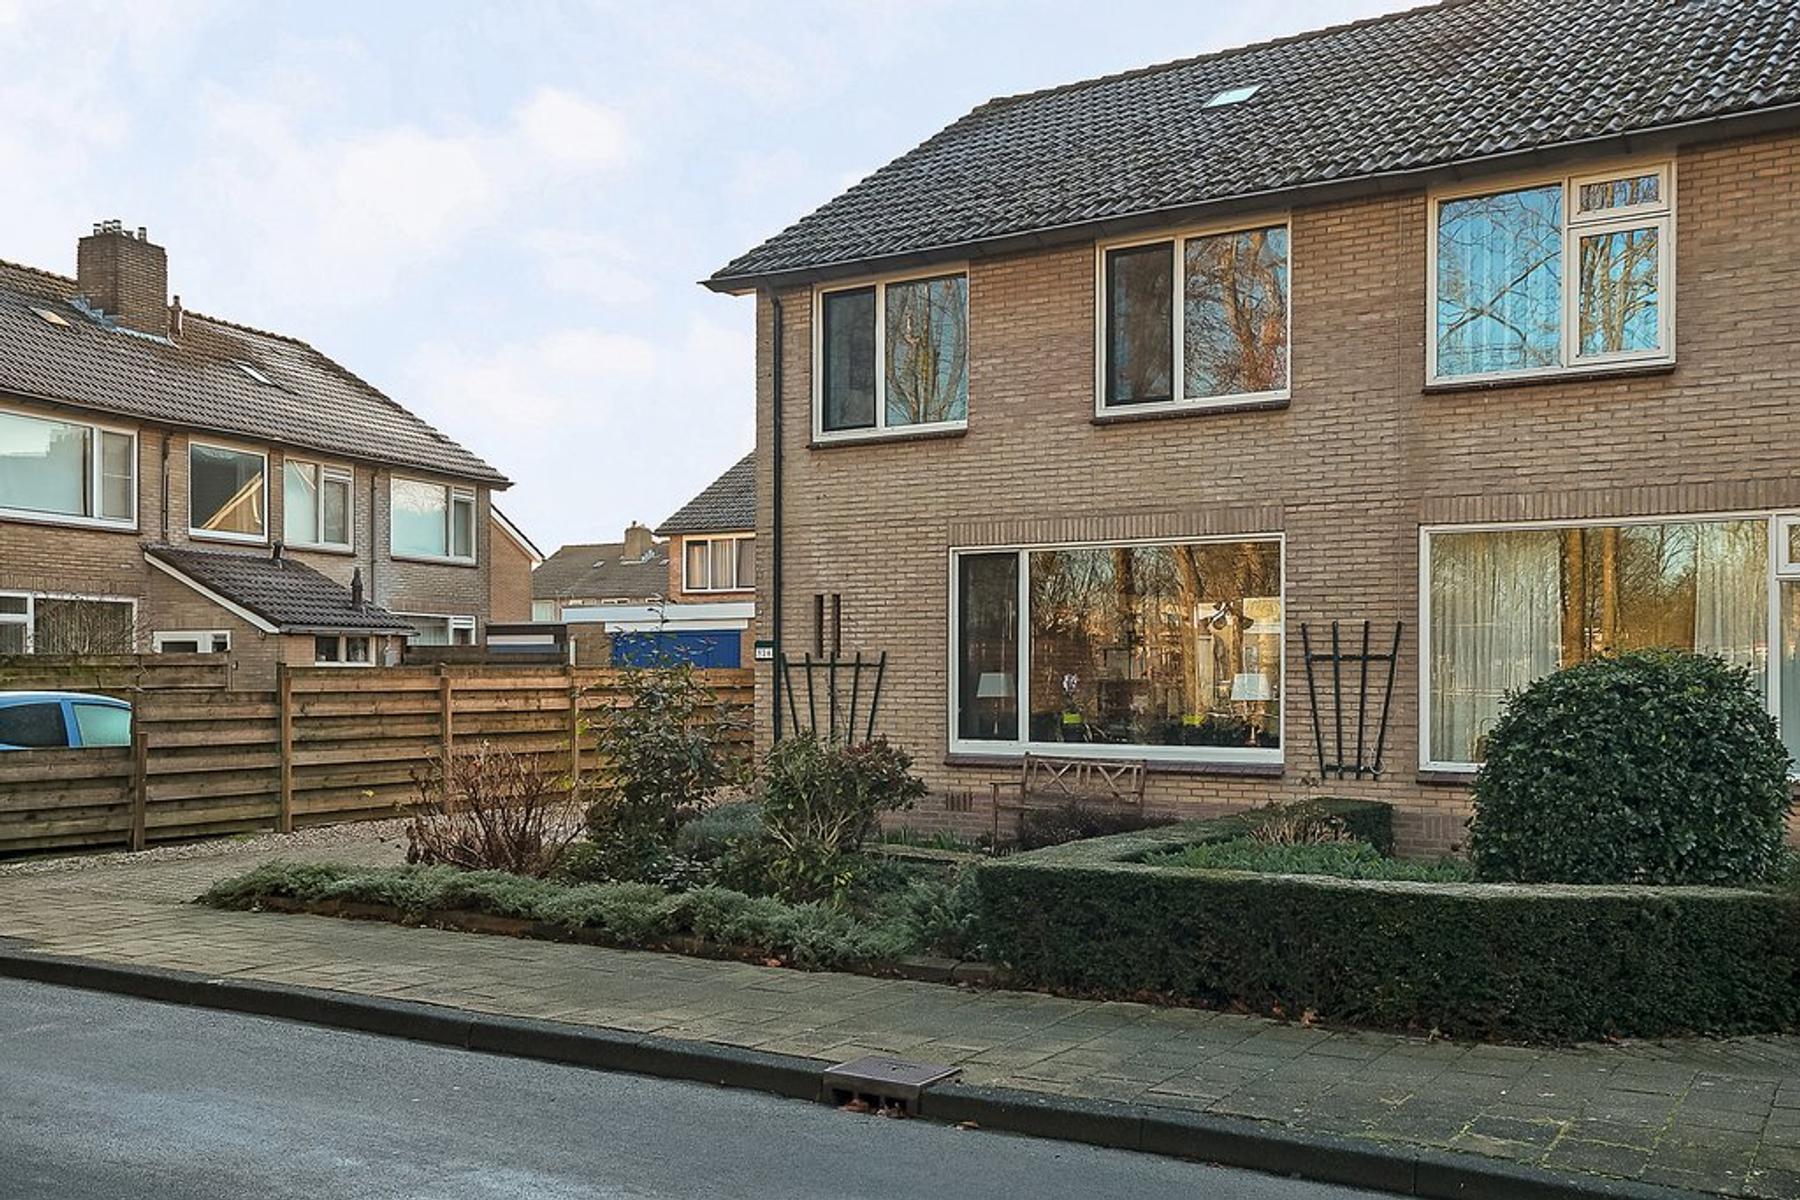 Nordhornerstraat 24 in Coevorden 7742 VW